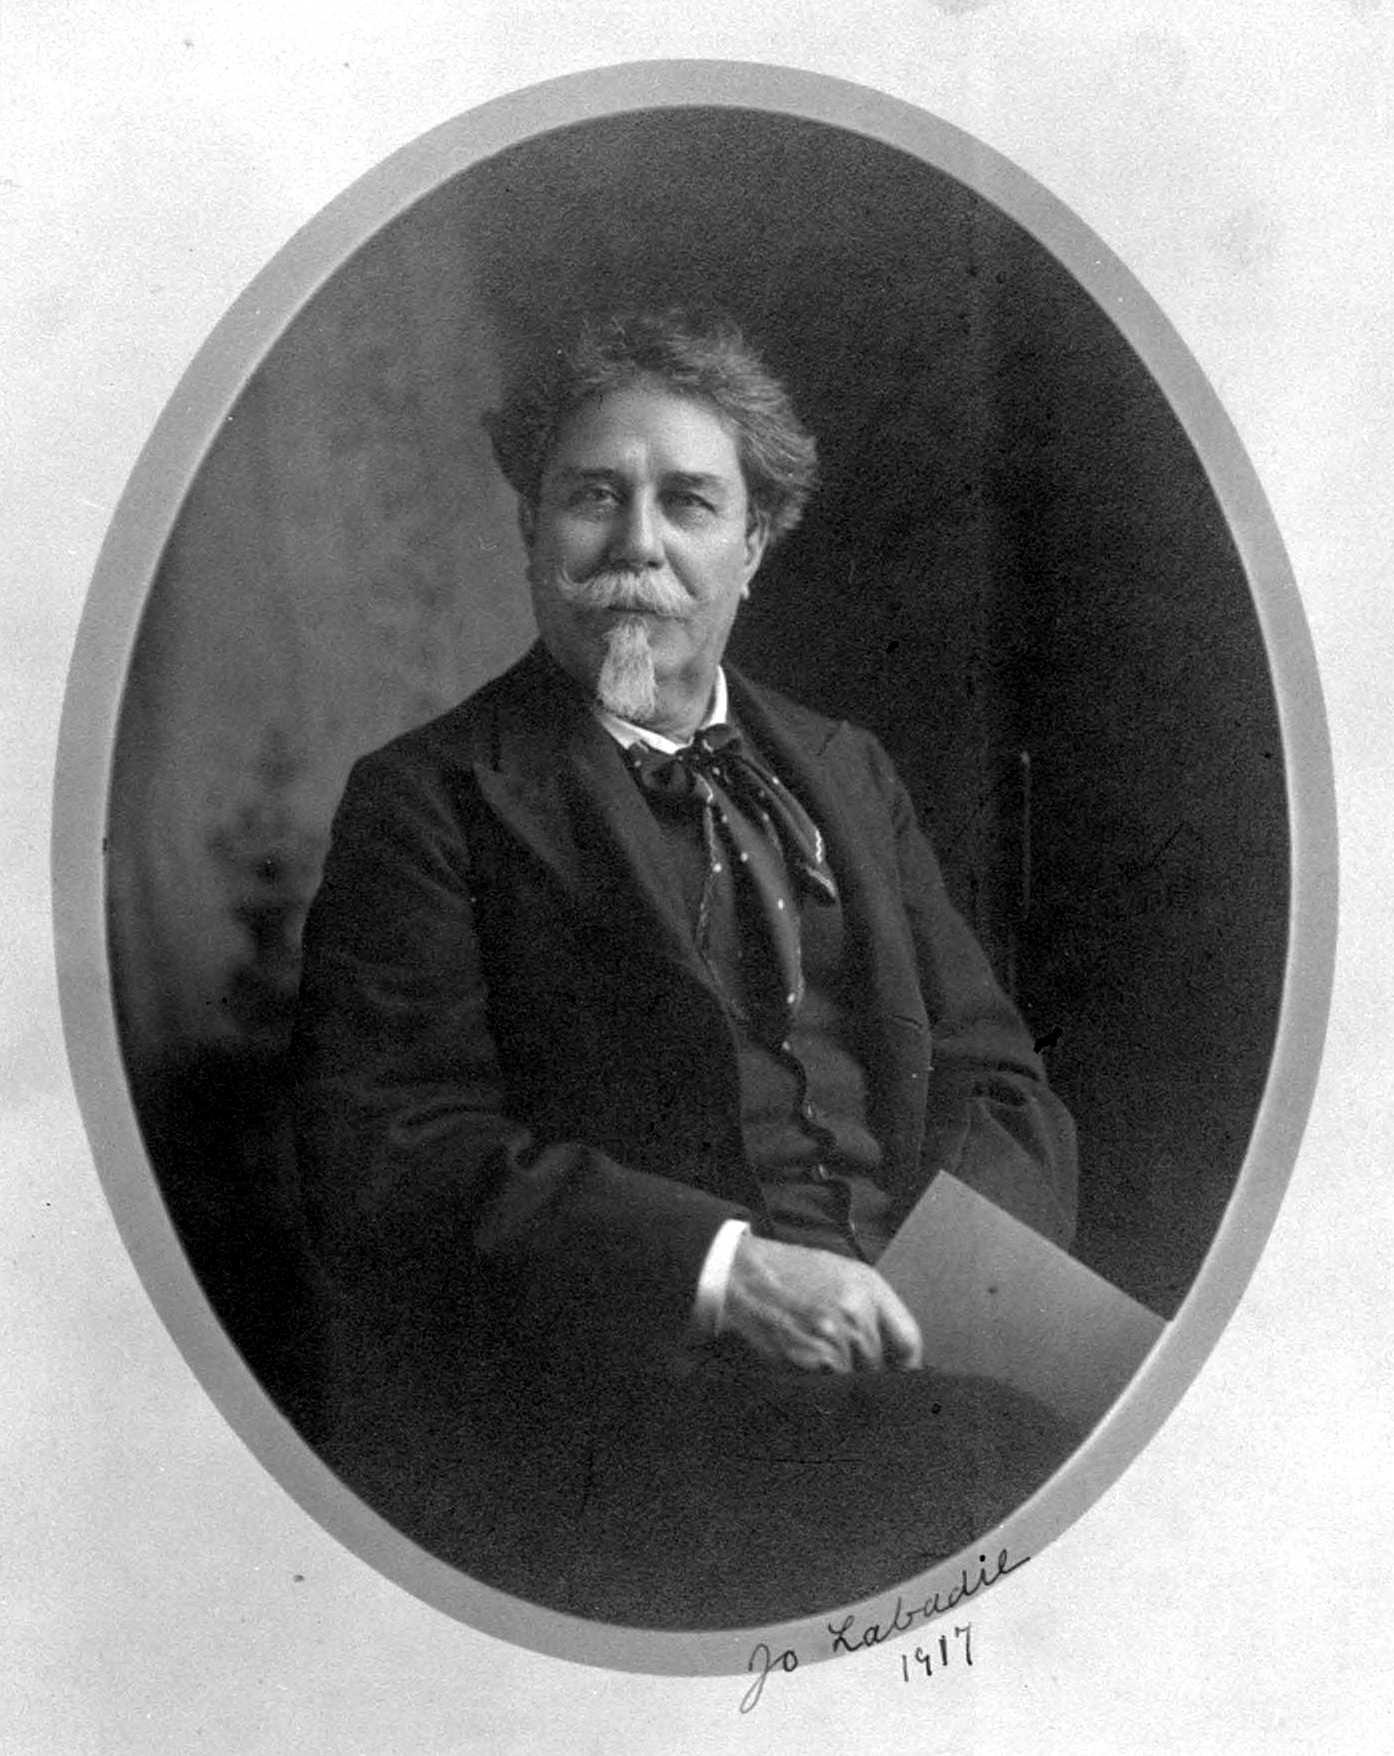 Jo Labadie (1917)